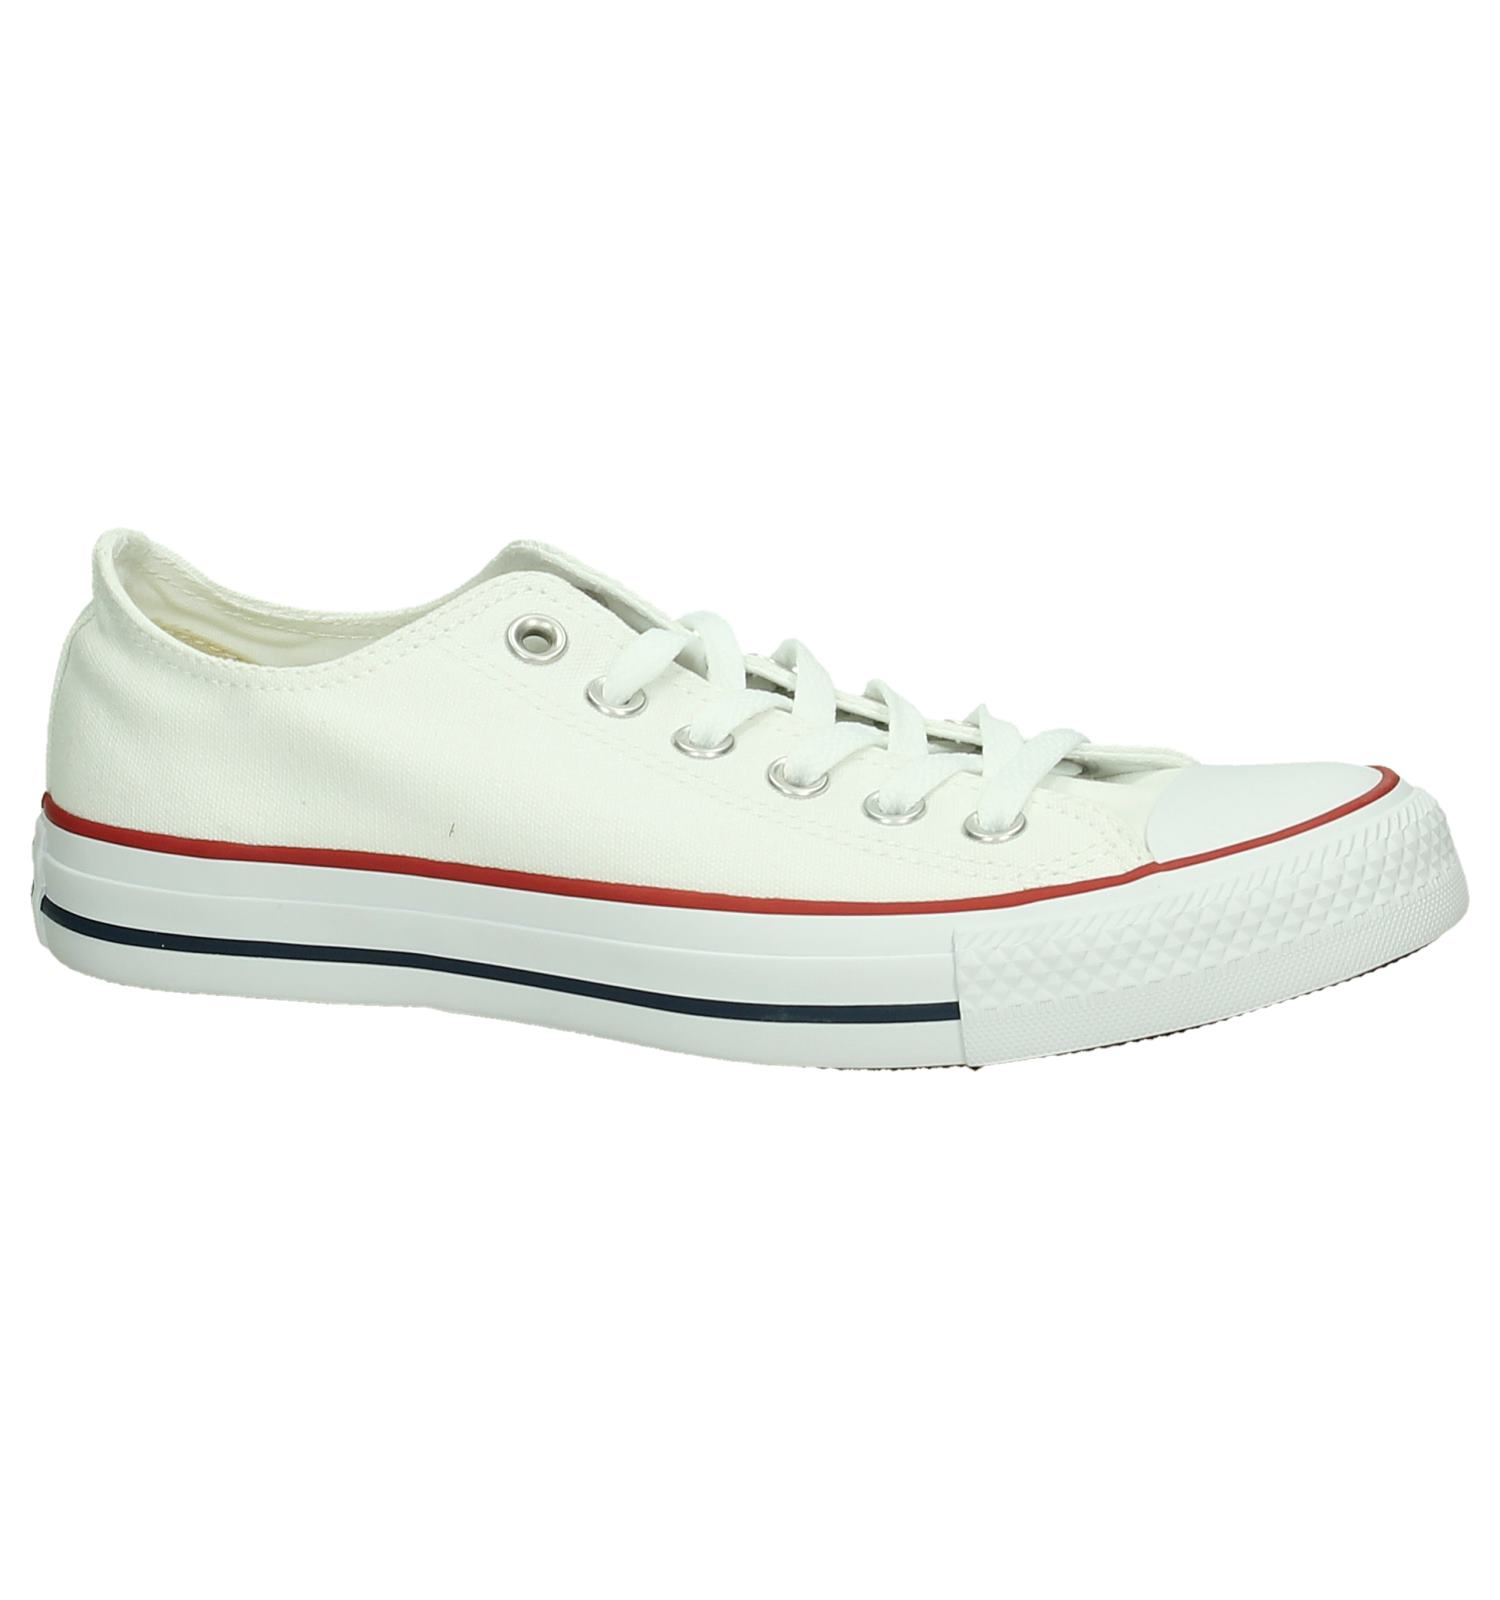 57819cc20fc Converse Chuck Taylor All Star Core Lage Sneakers Wit | TORFS.BE | Gratis  verzend en retour